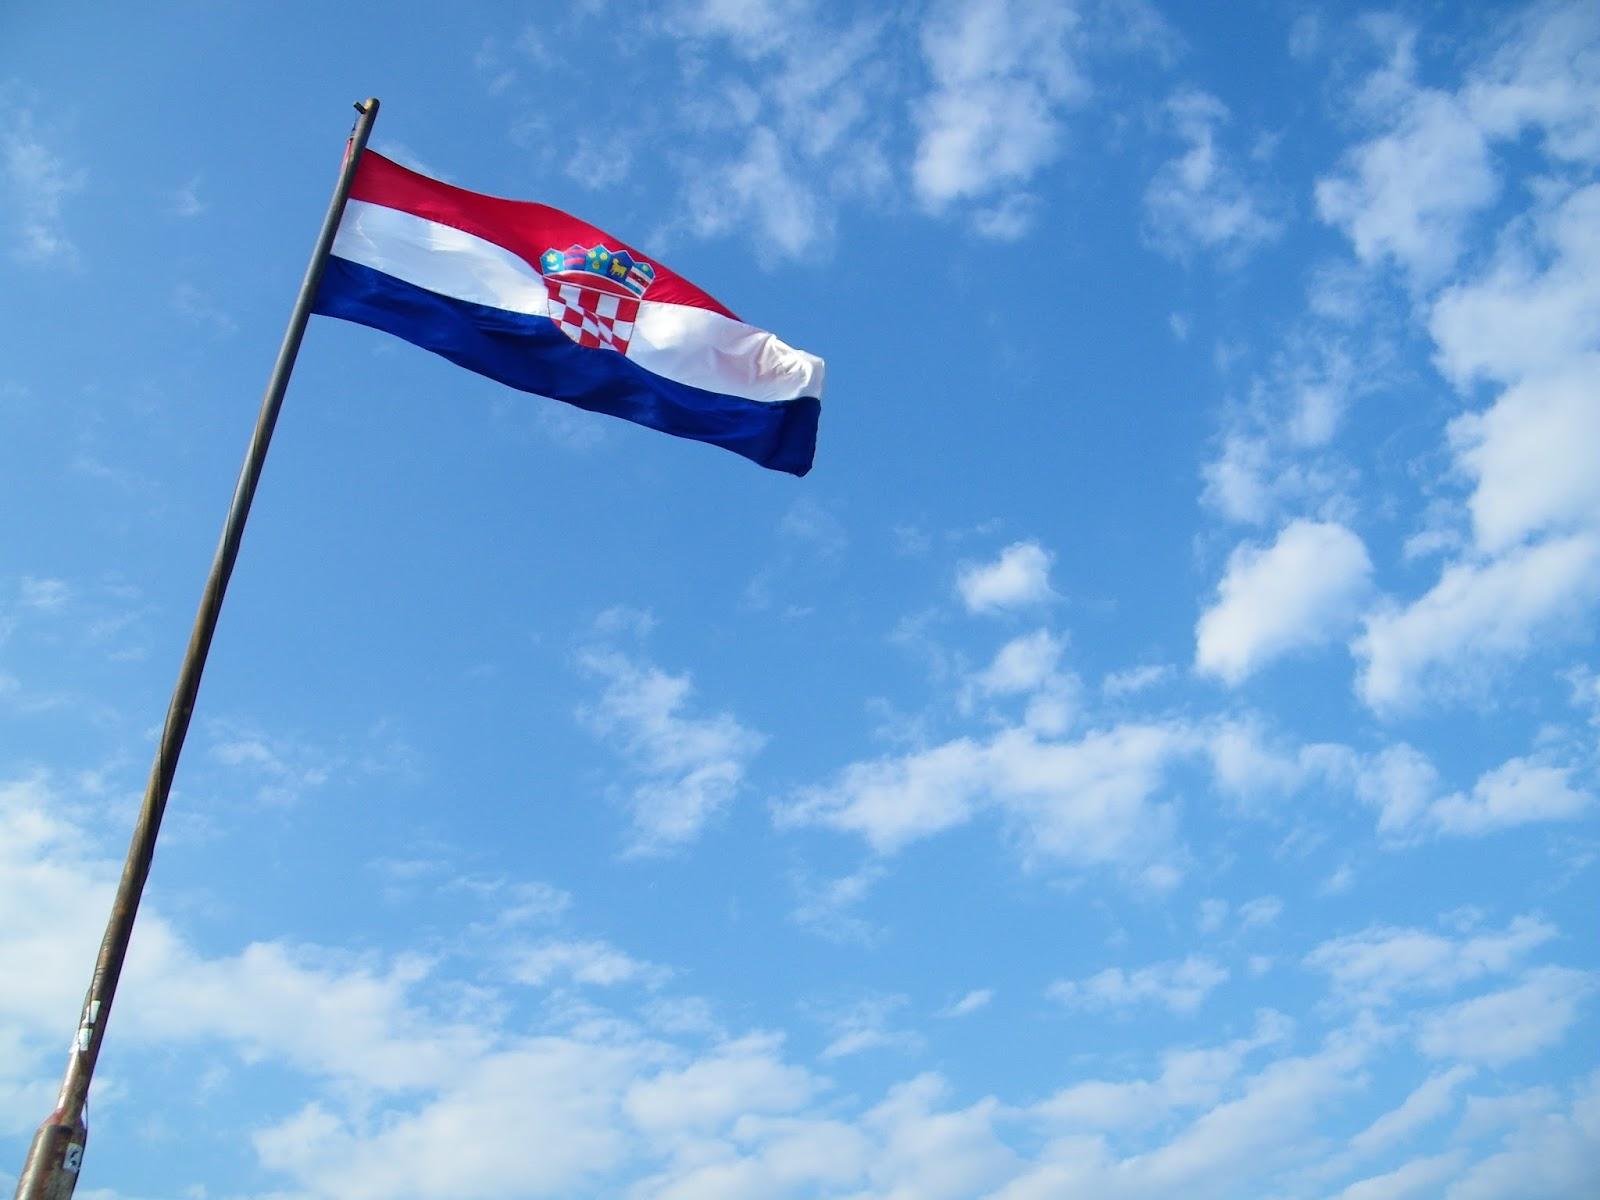 Urlop i Wakacje - Rzeczy, które mnie zaskoczył w Chorwacji